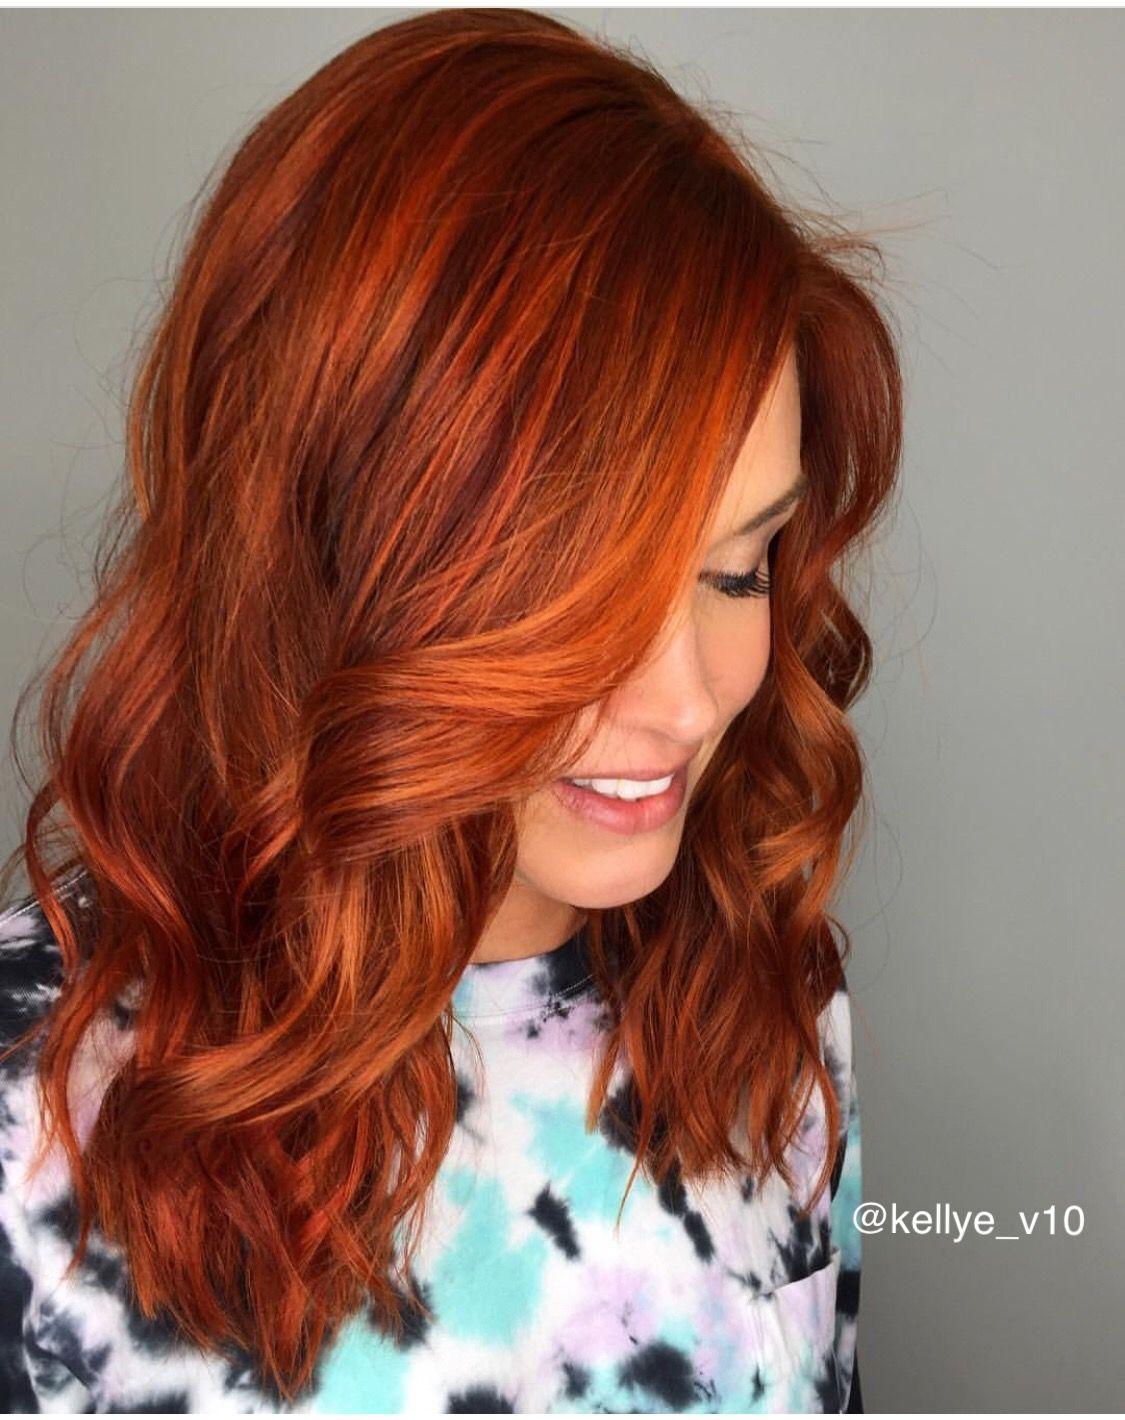 Red Hair Copper Hair Joico Olaplex Vivid Love My Bright Copper